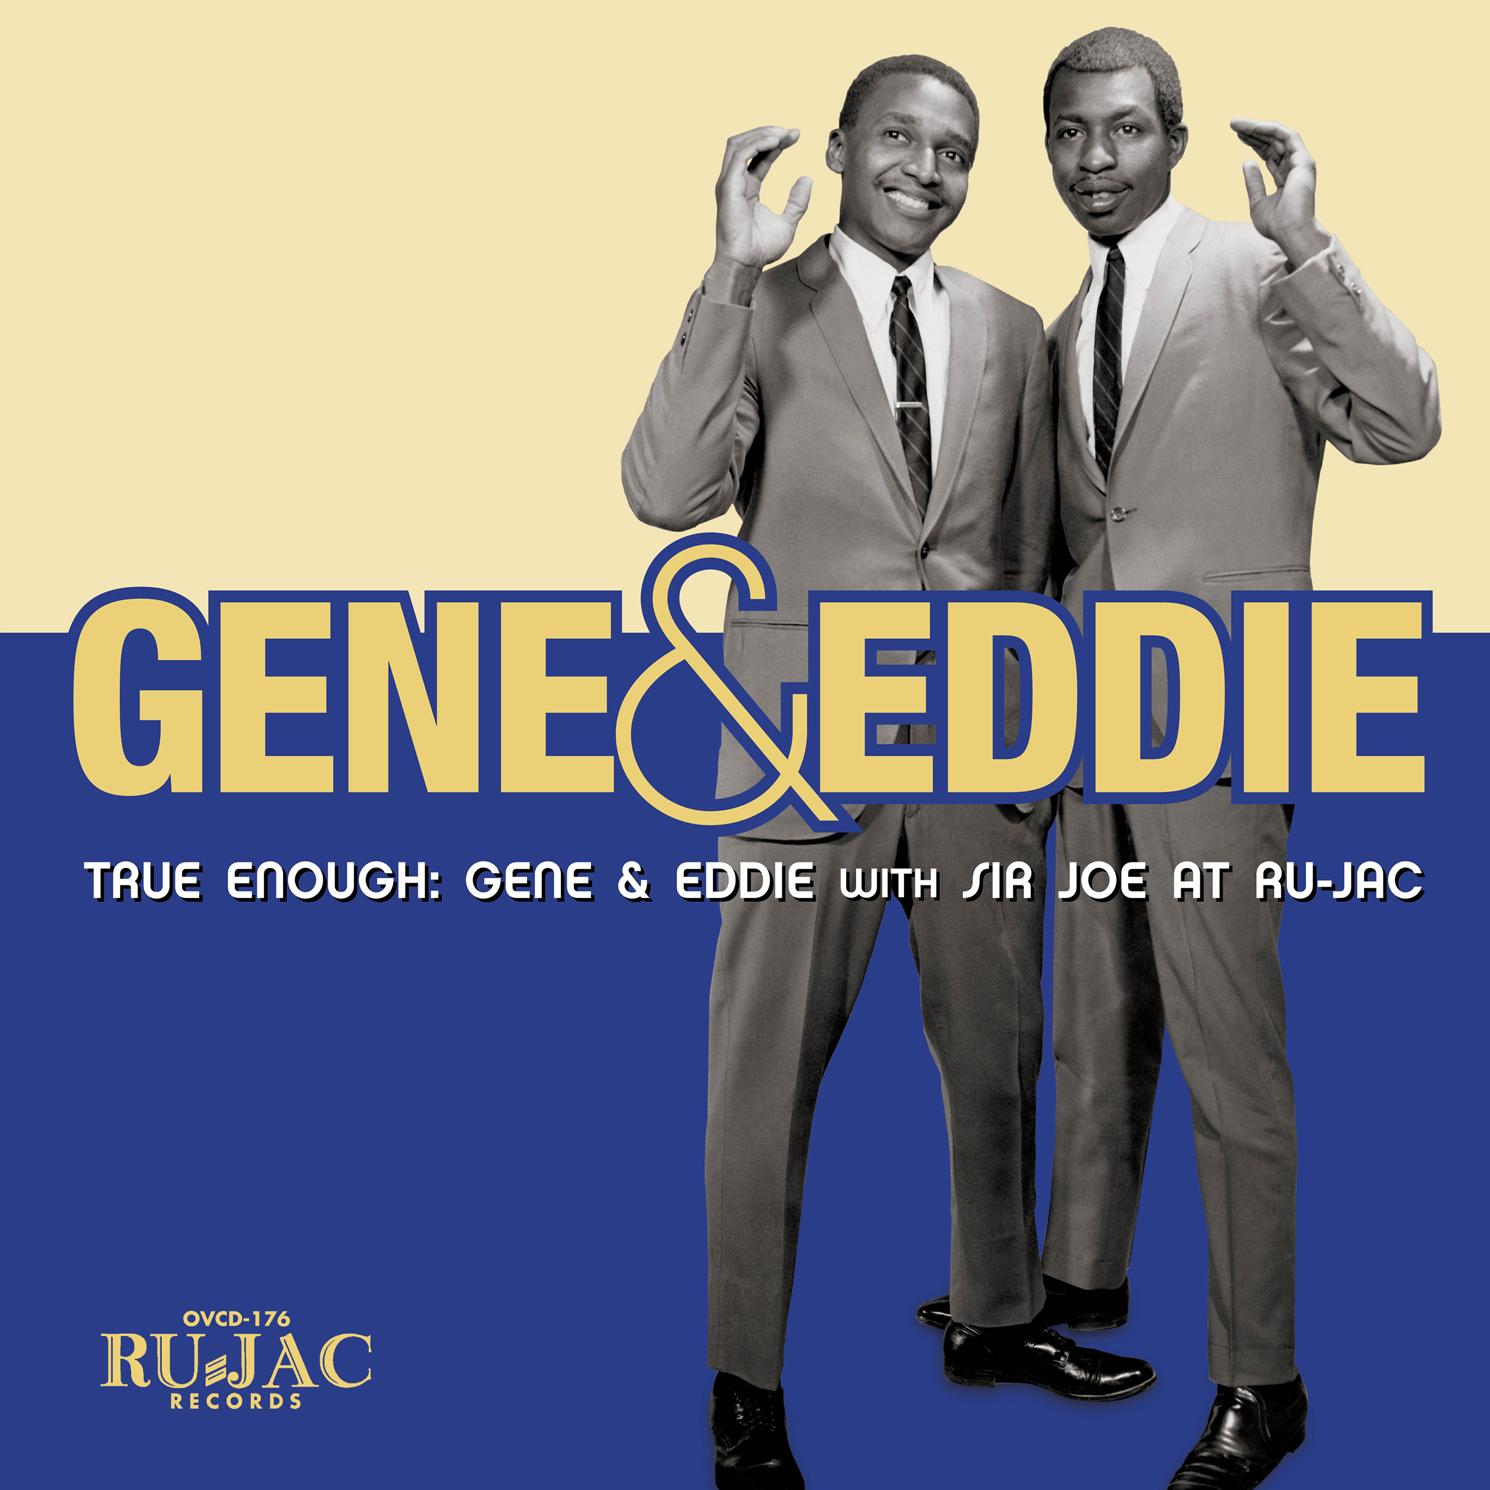 Gene & Eddie -True Enough: Gene & Eddie With Sir Joe At Ru-Jac  Release Date: September 2, 2016 Label: Omnivore Recordings  SERVICE: Mastering, Restoration NUMBER OF DISCS: 1 GENRE: R&B FORMAT: CD,LP